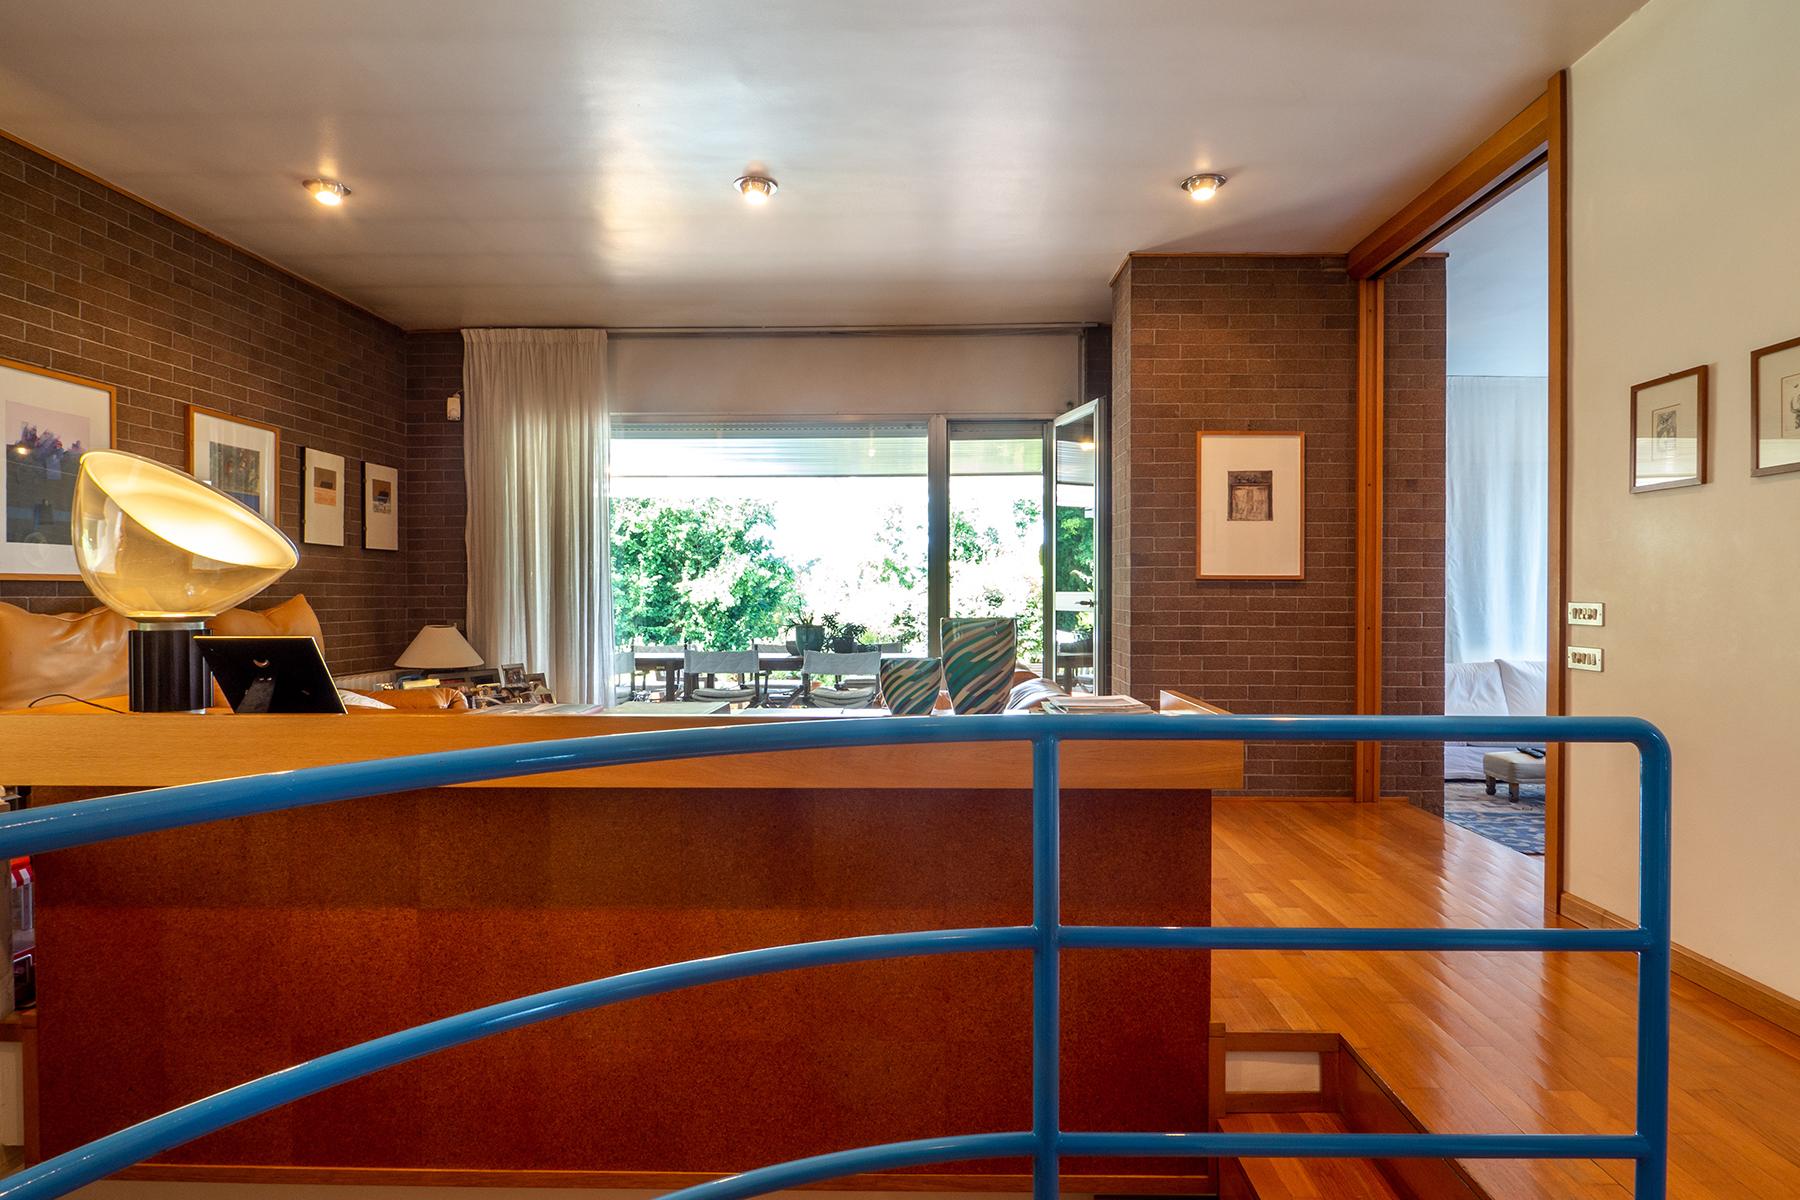 Casa indipendente in Vendita a Rosignano Monferrato: 5 locali, 290 mq - Foto 16